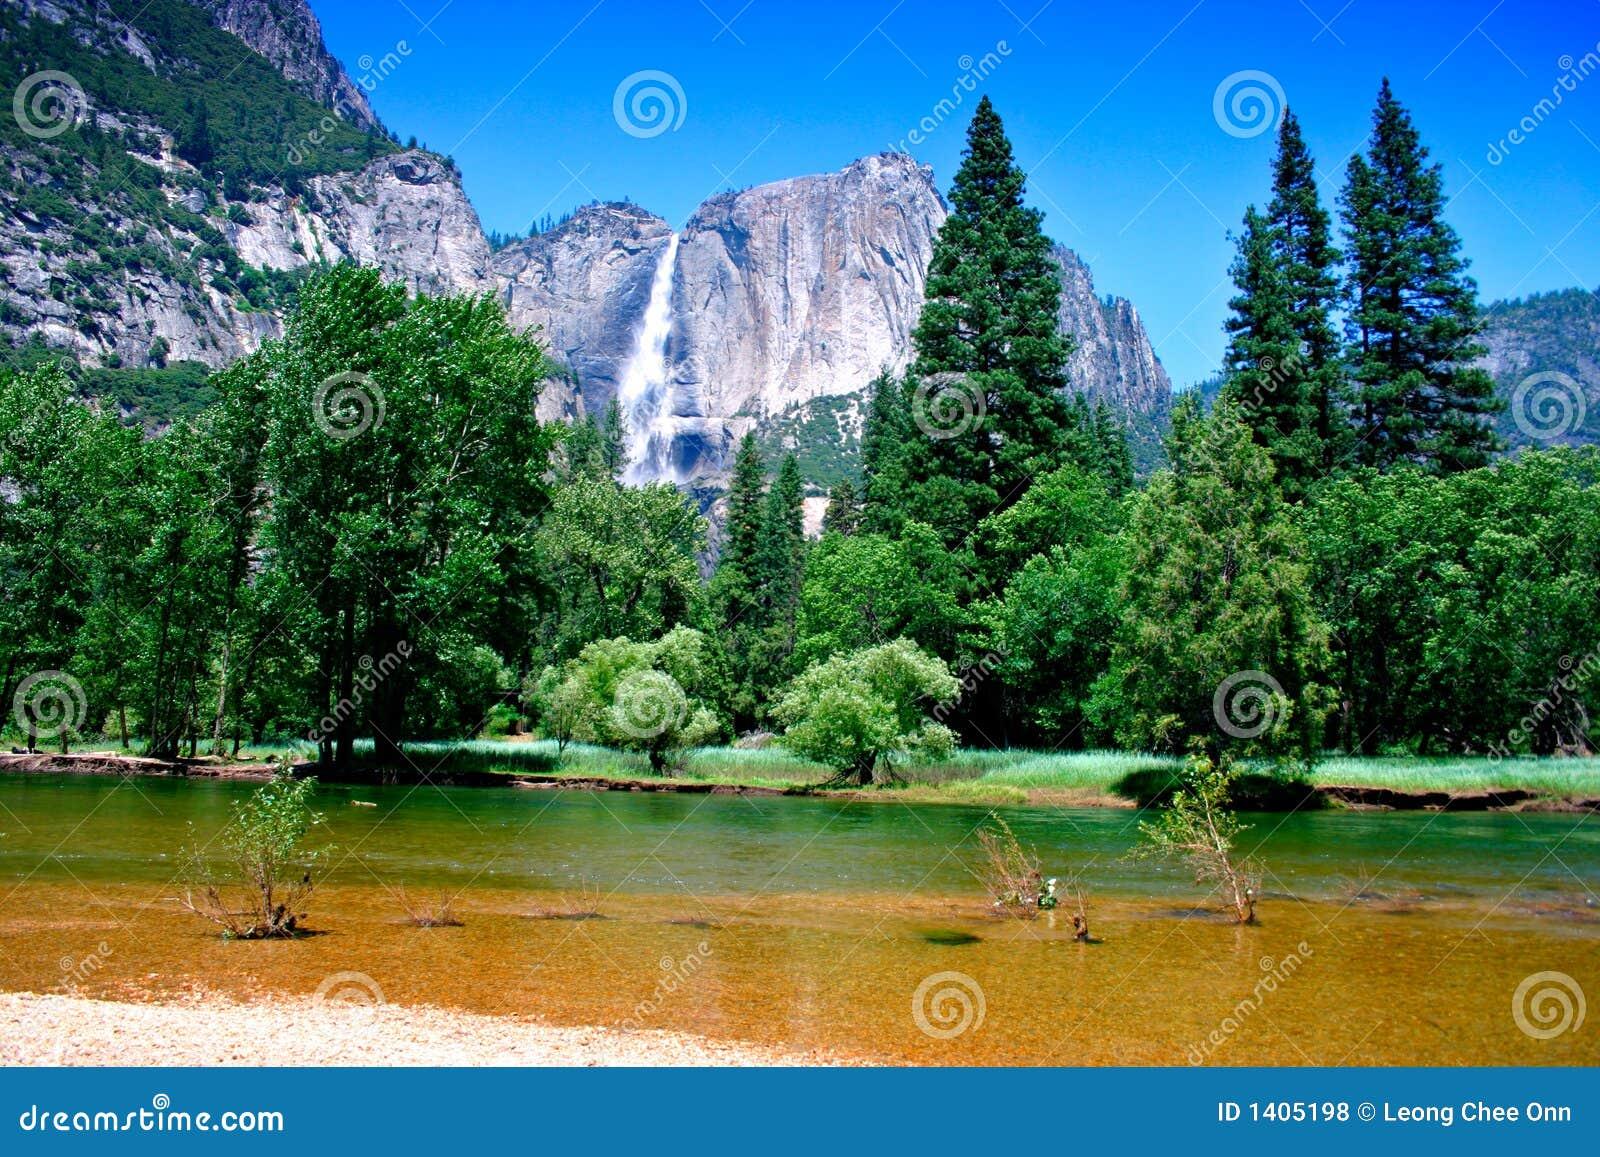 Stationnement national de Yosemite, Etats-Unis